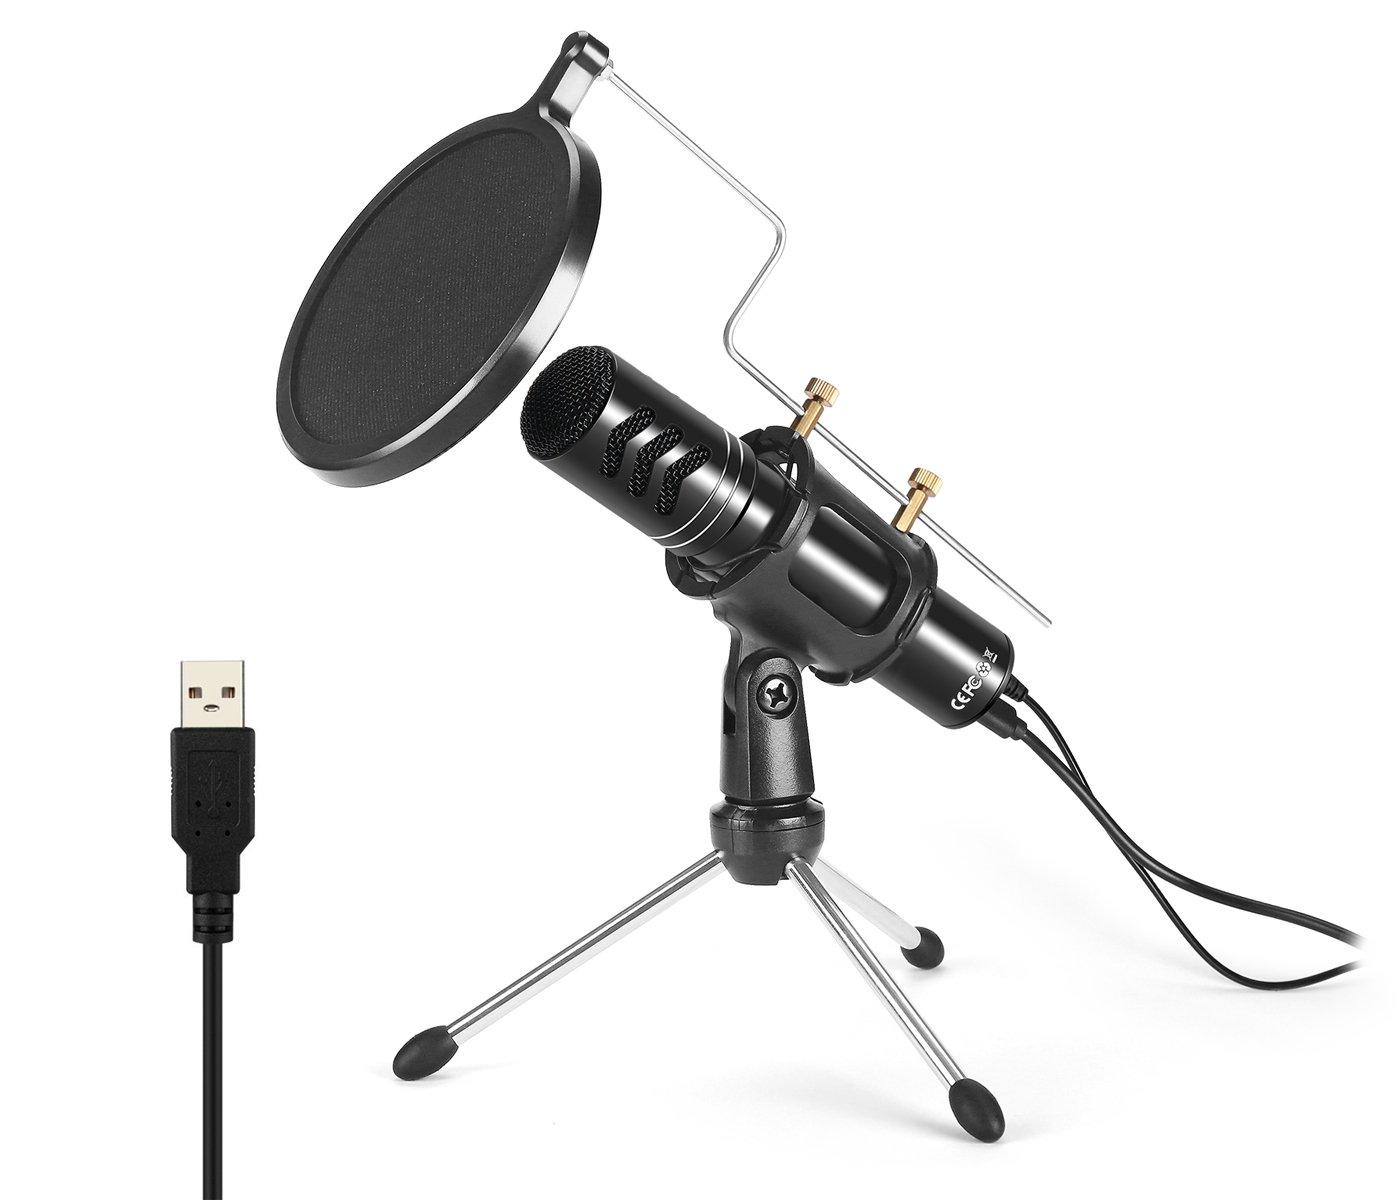 Aokeo USB Computer Condensador profesional Micrófono de estudio Plug & Play con trípode y filtro pop de doble capa para